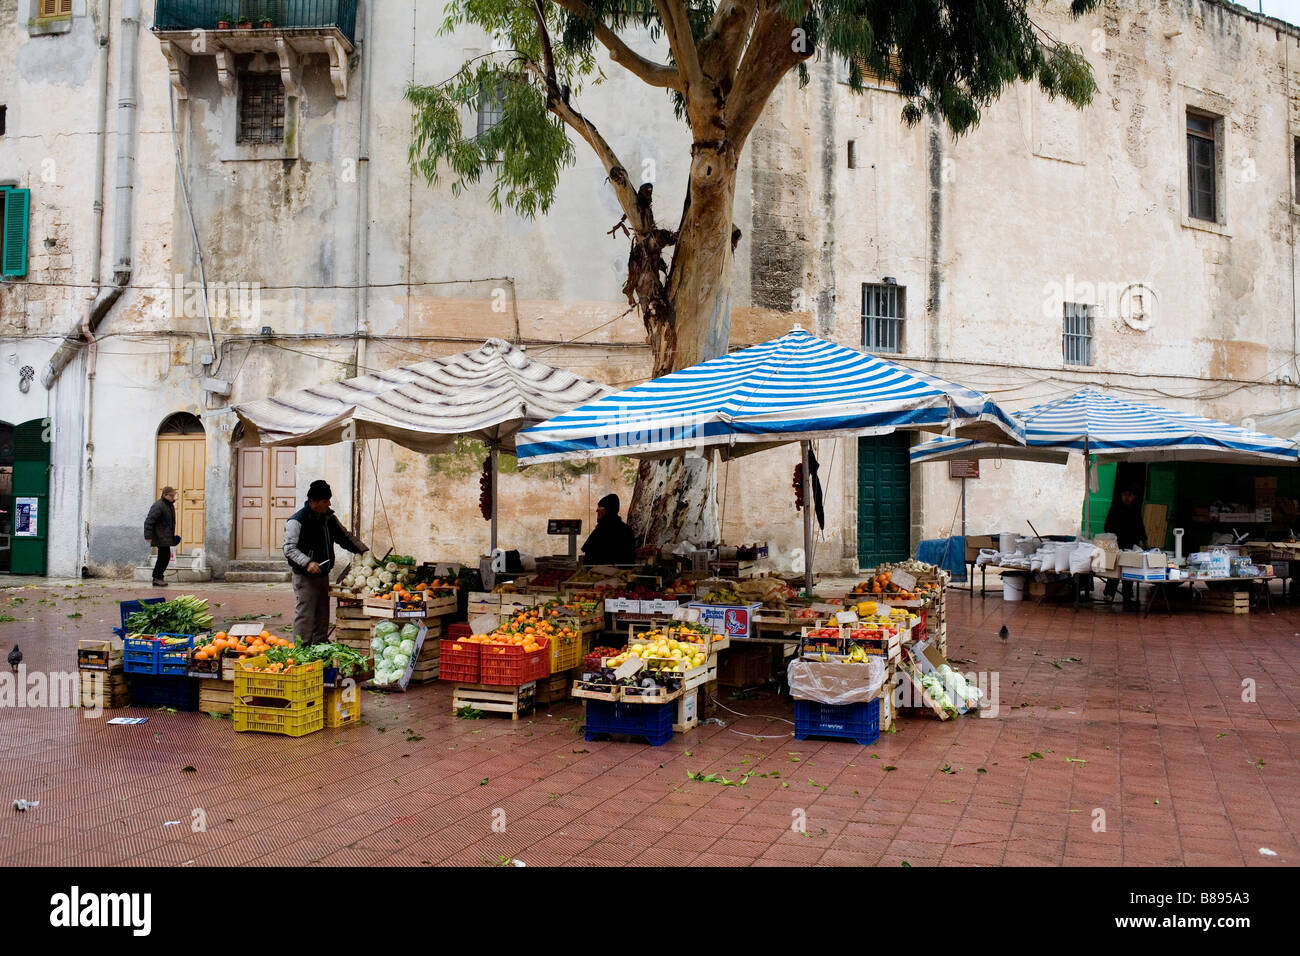 Los puestos de mercado en Monopoli, en el sur de Italia. Foto de stock